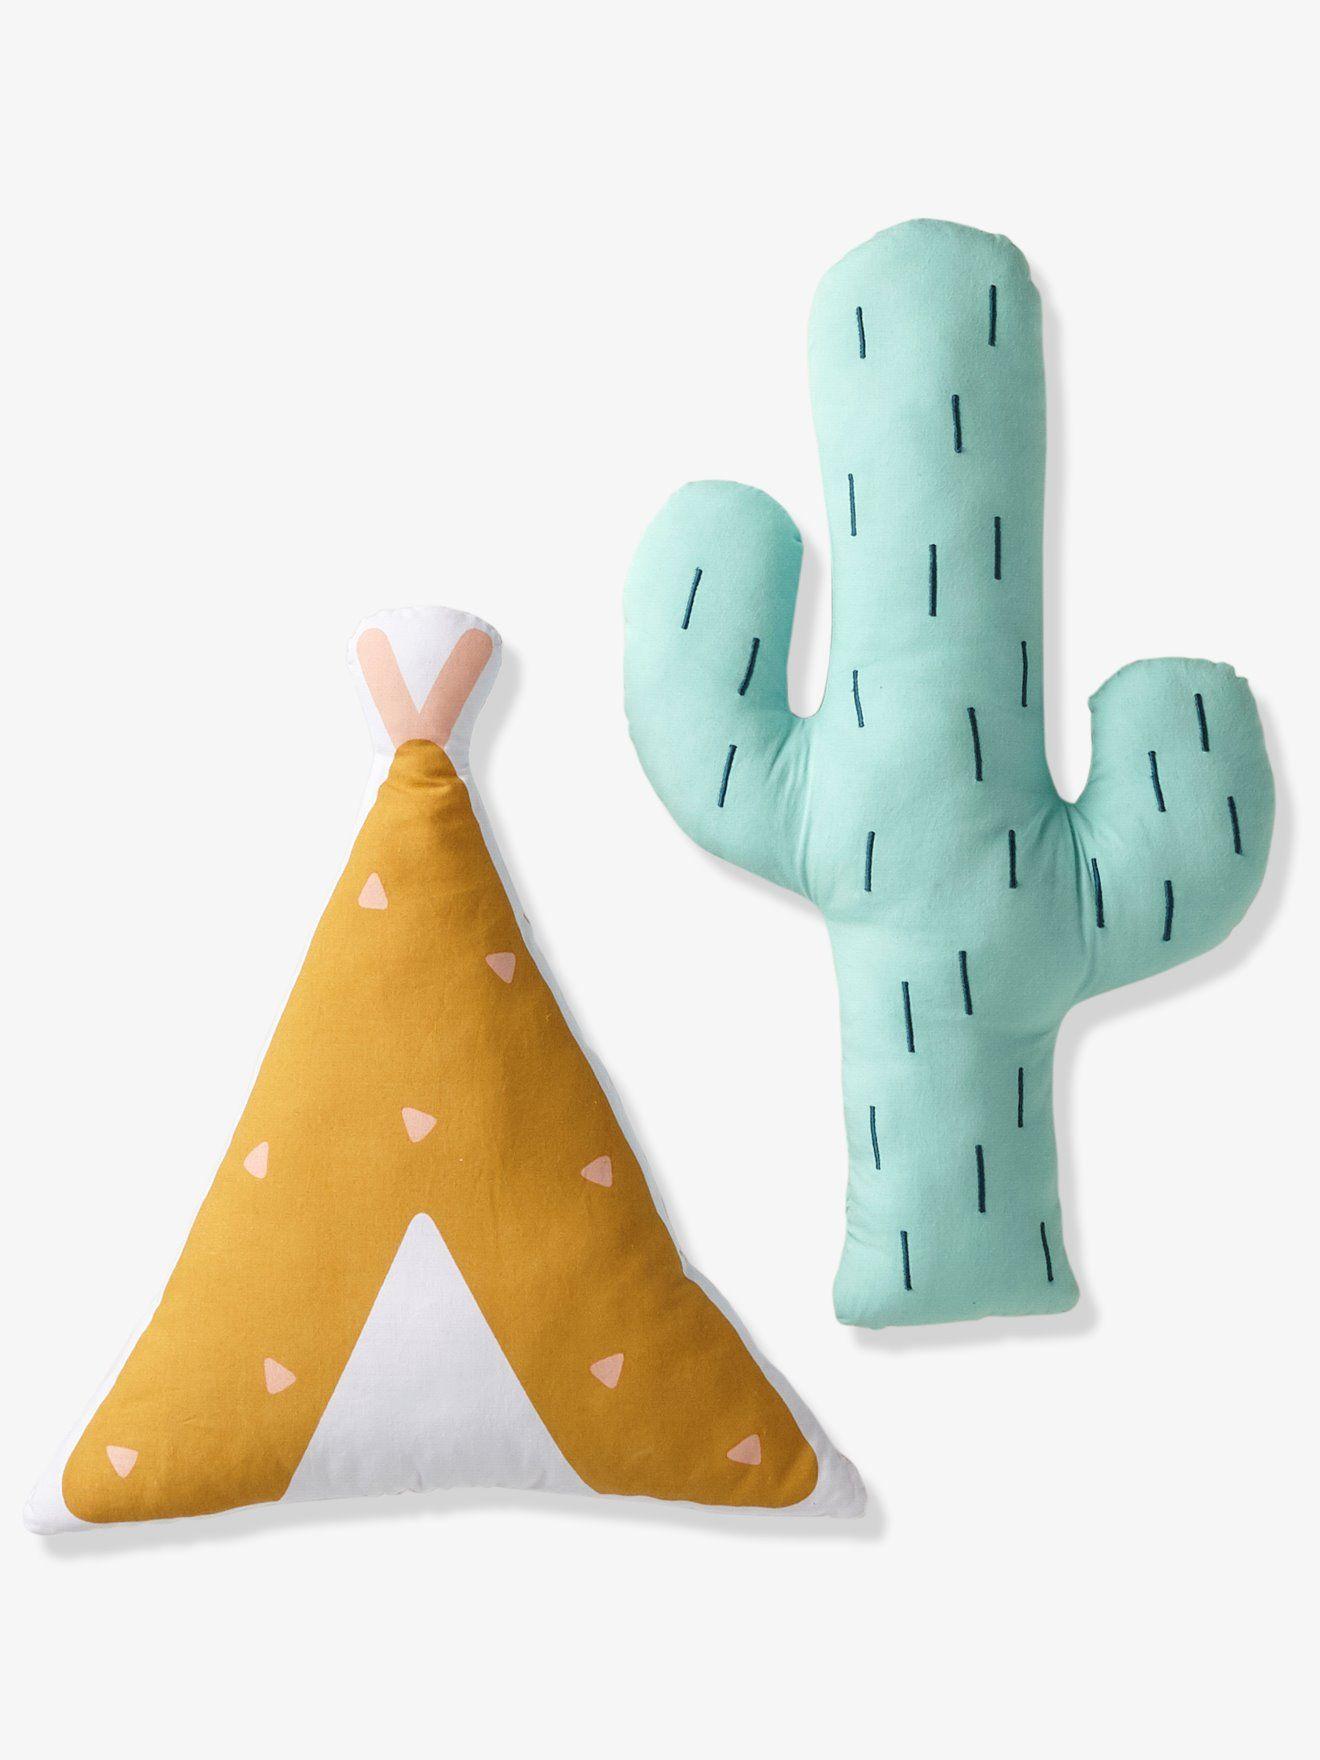 Wunderbar Eine Schöne Dekoration Für Das Kinderzimmer: 2 Kuschelige Kissen, Ein  Kaktus Und Ein Tipi